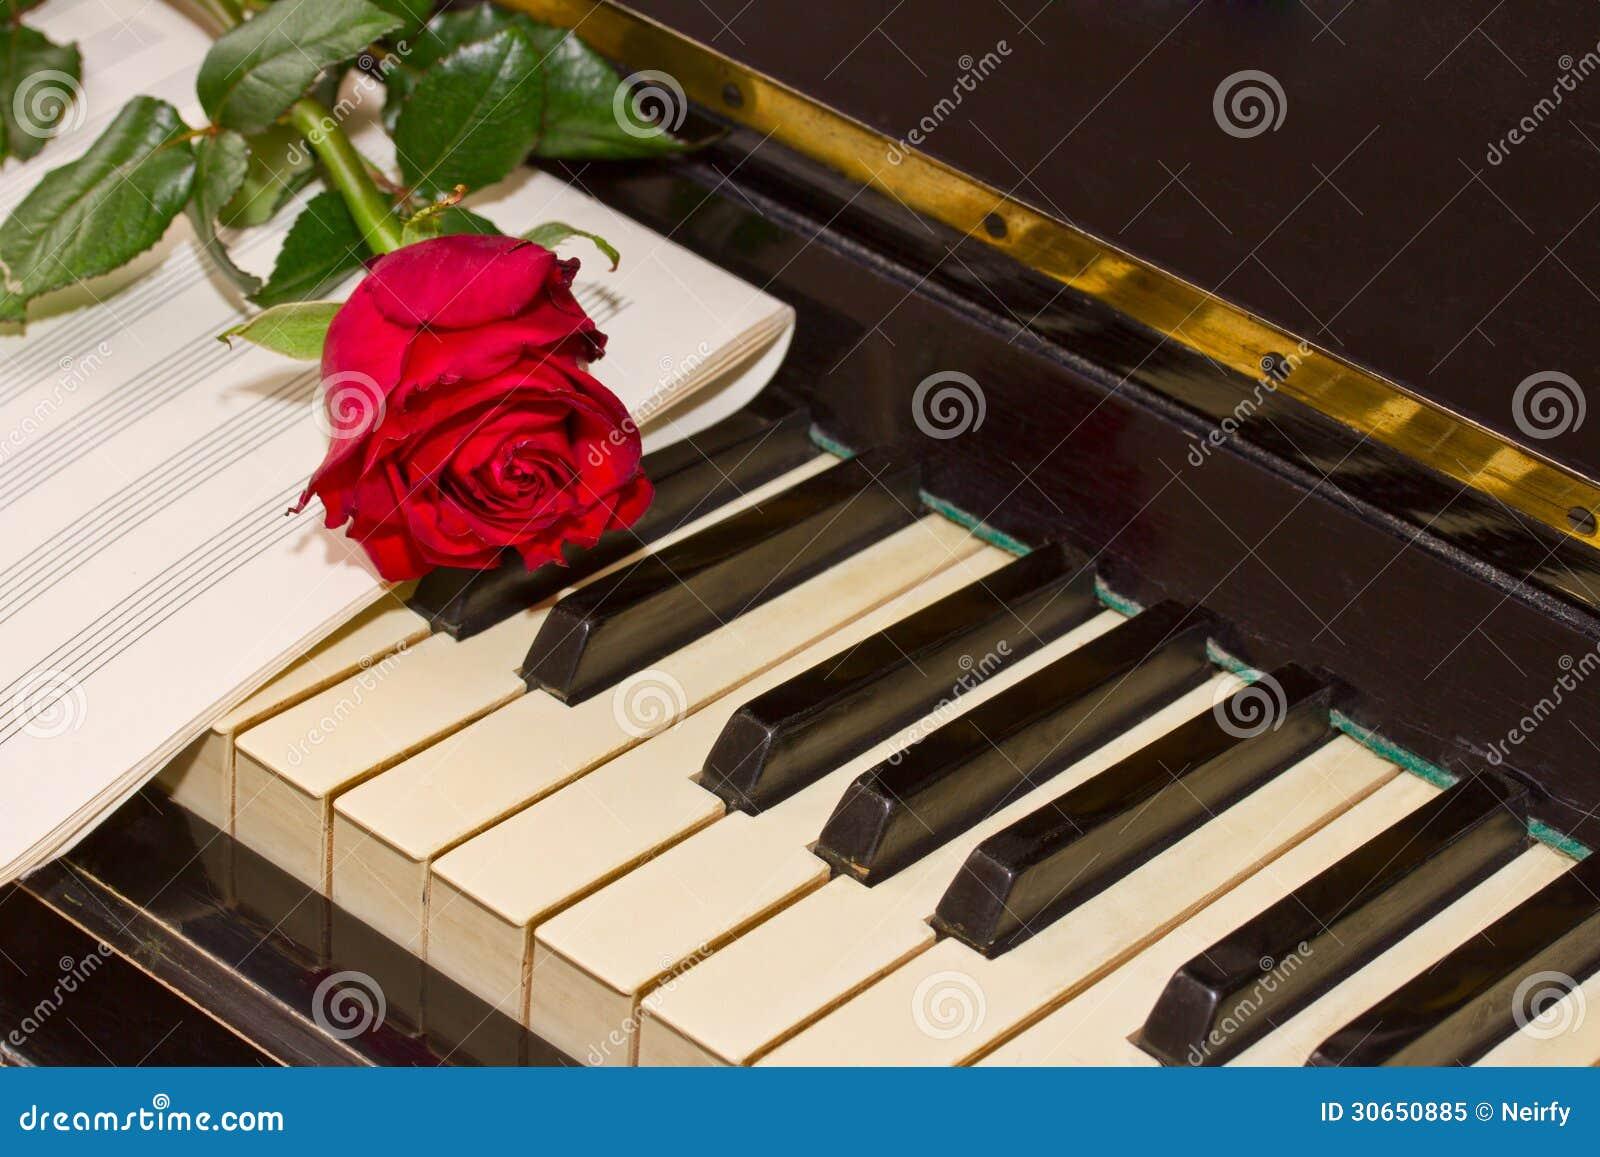 """Résultat de recherche d'images pour """"rose et bougie rouge sur un piano"""""""